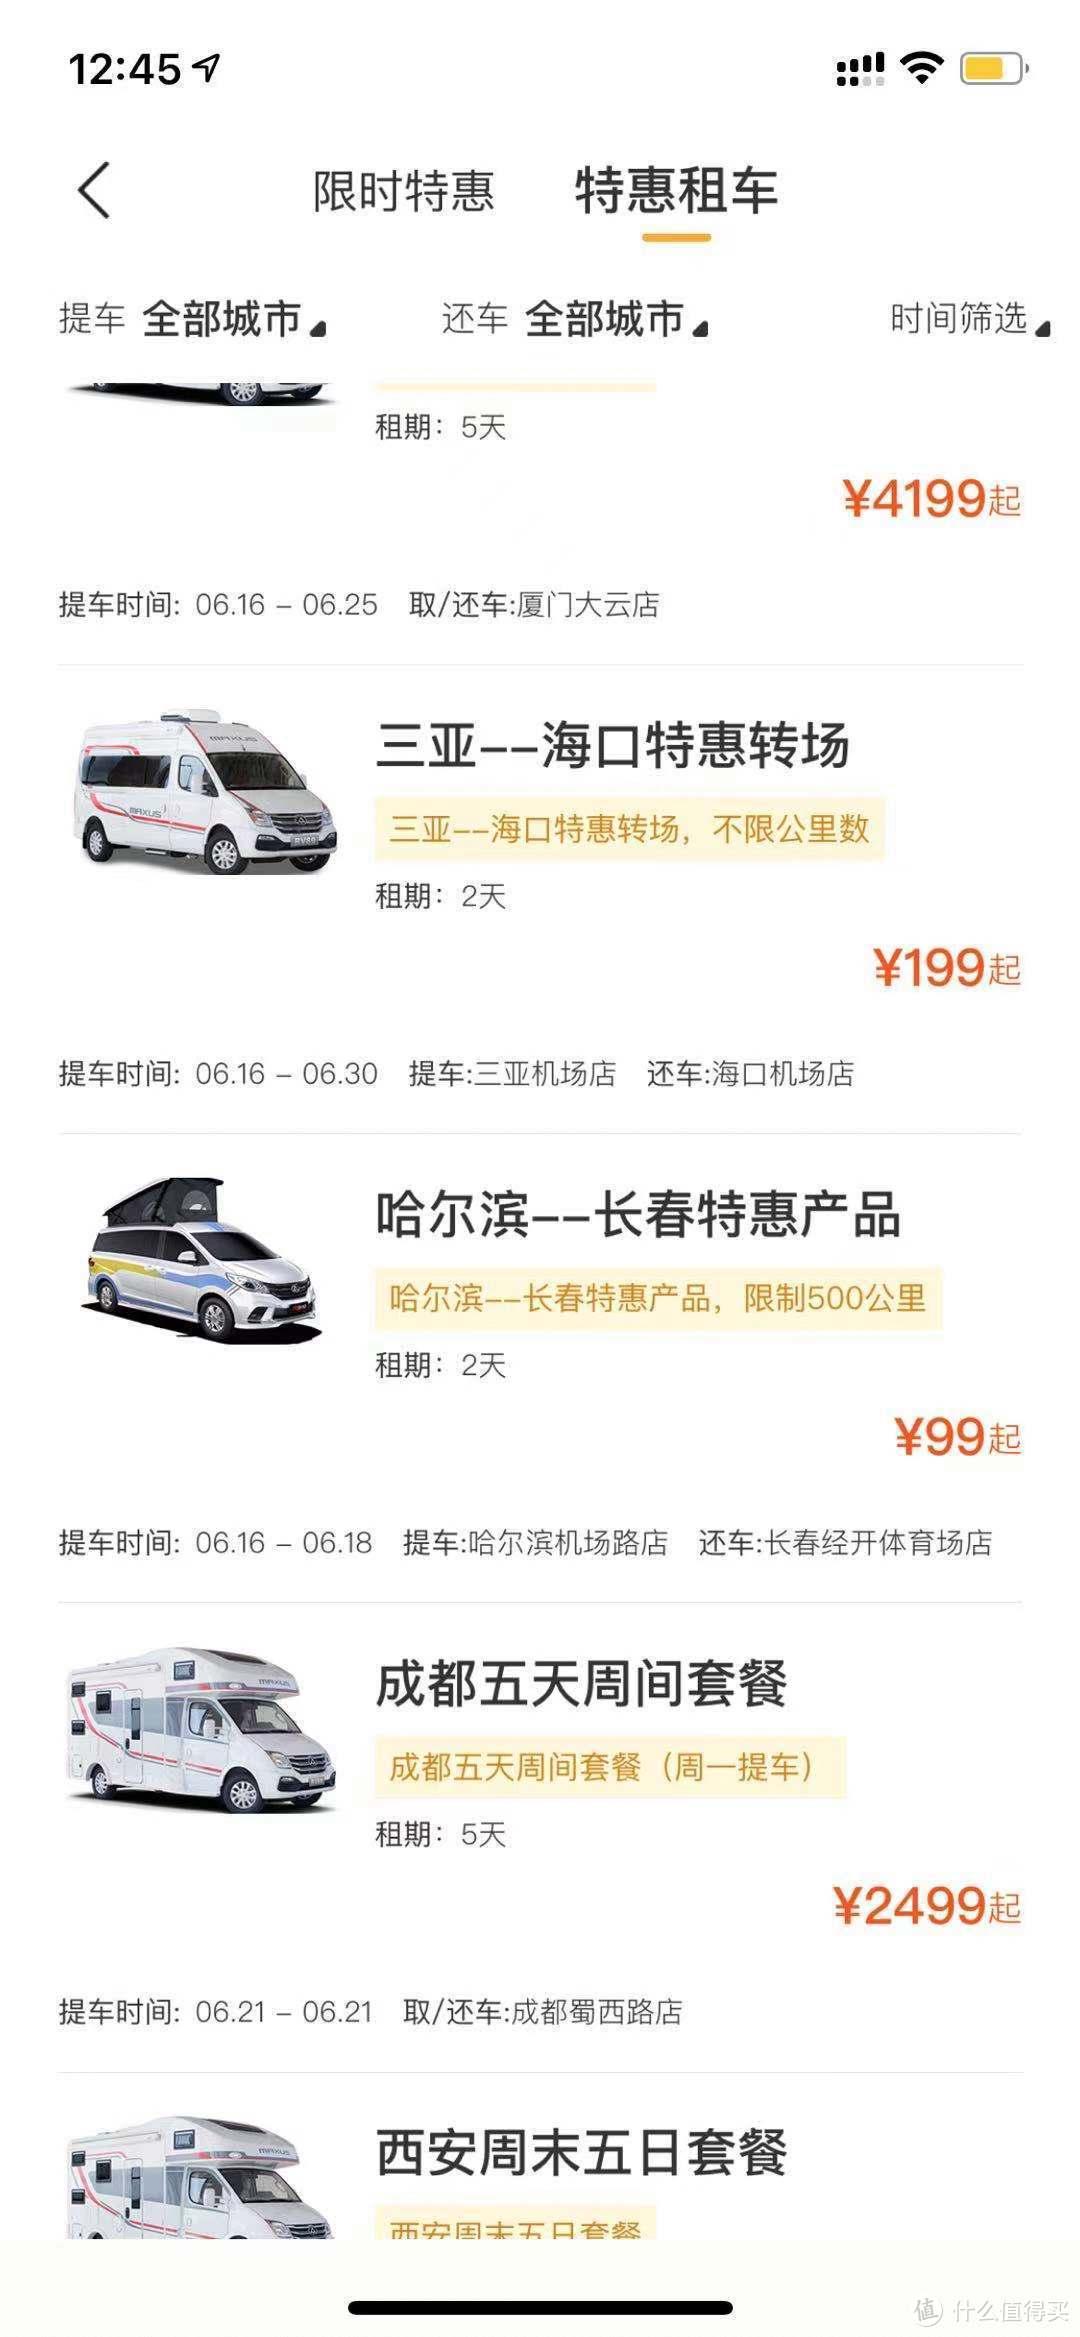 APP的特惠租车经常有99元、499元、999元的特惠转场车